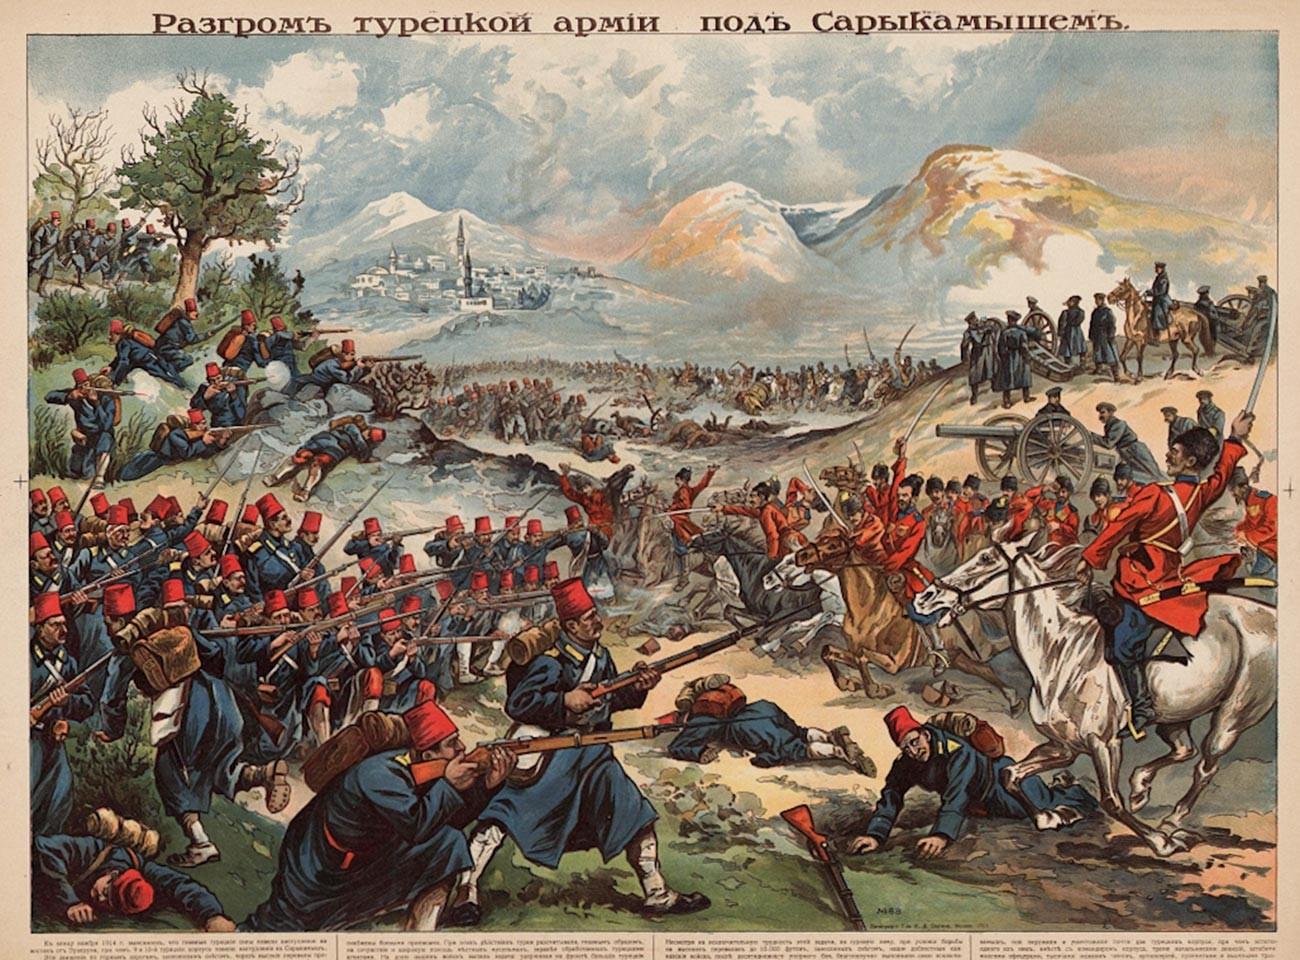 Руски плакат, изобразяващ руската победа в битката при Саръкамъш